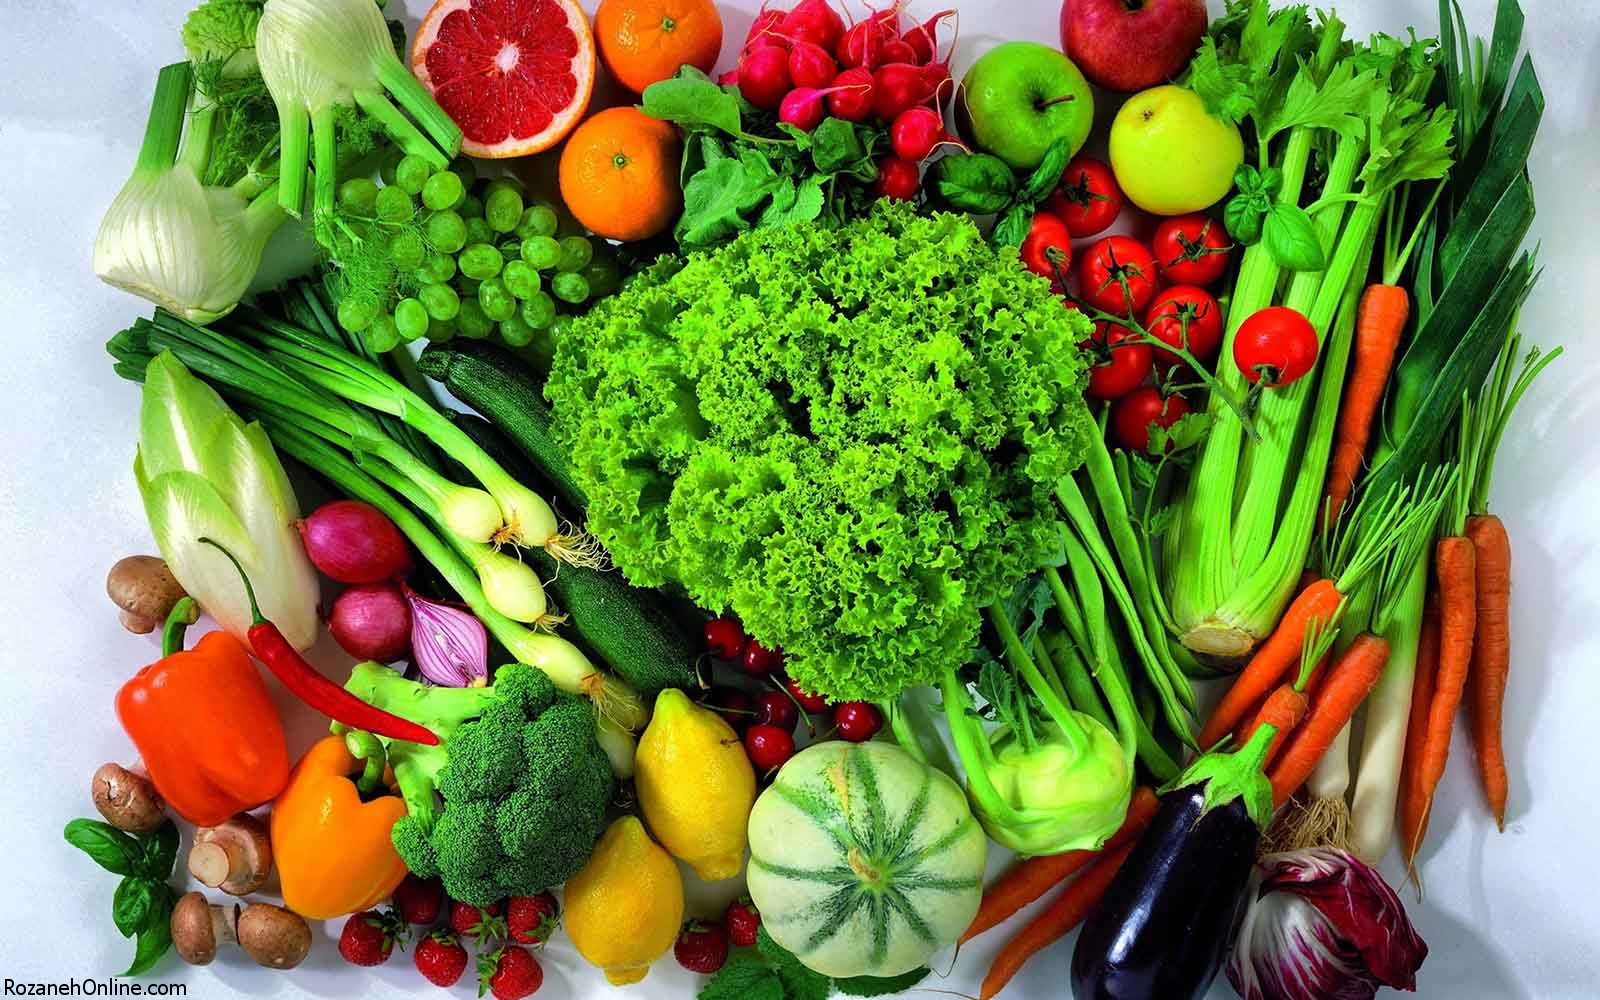 سبزیجات خام و تاثیر آن در حفظ خواص صحت دارد؟